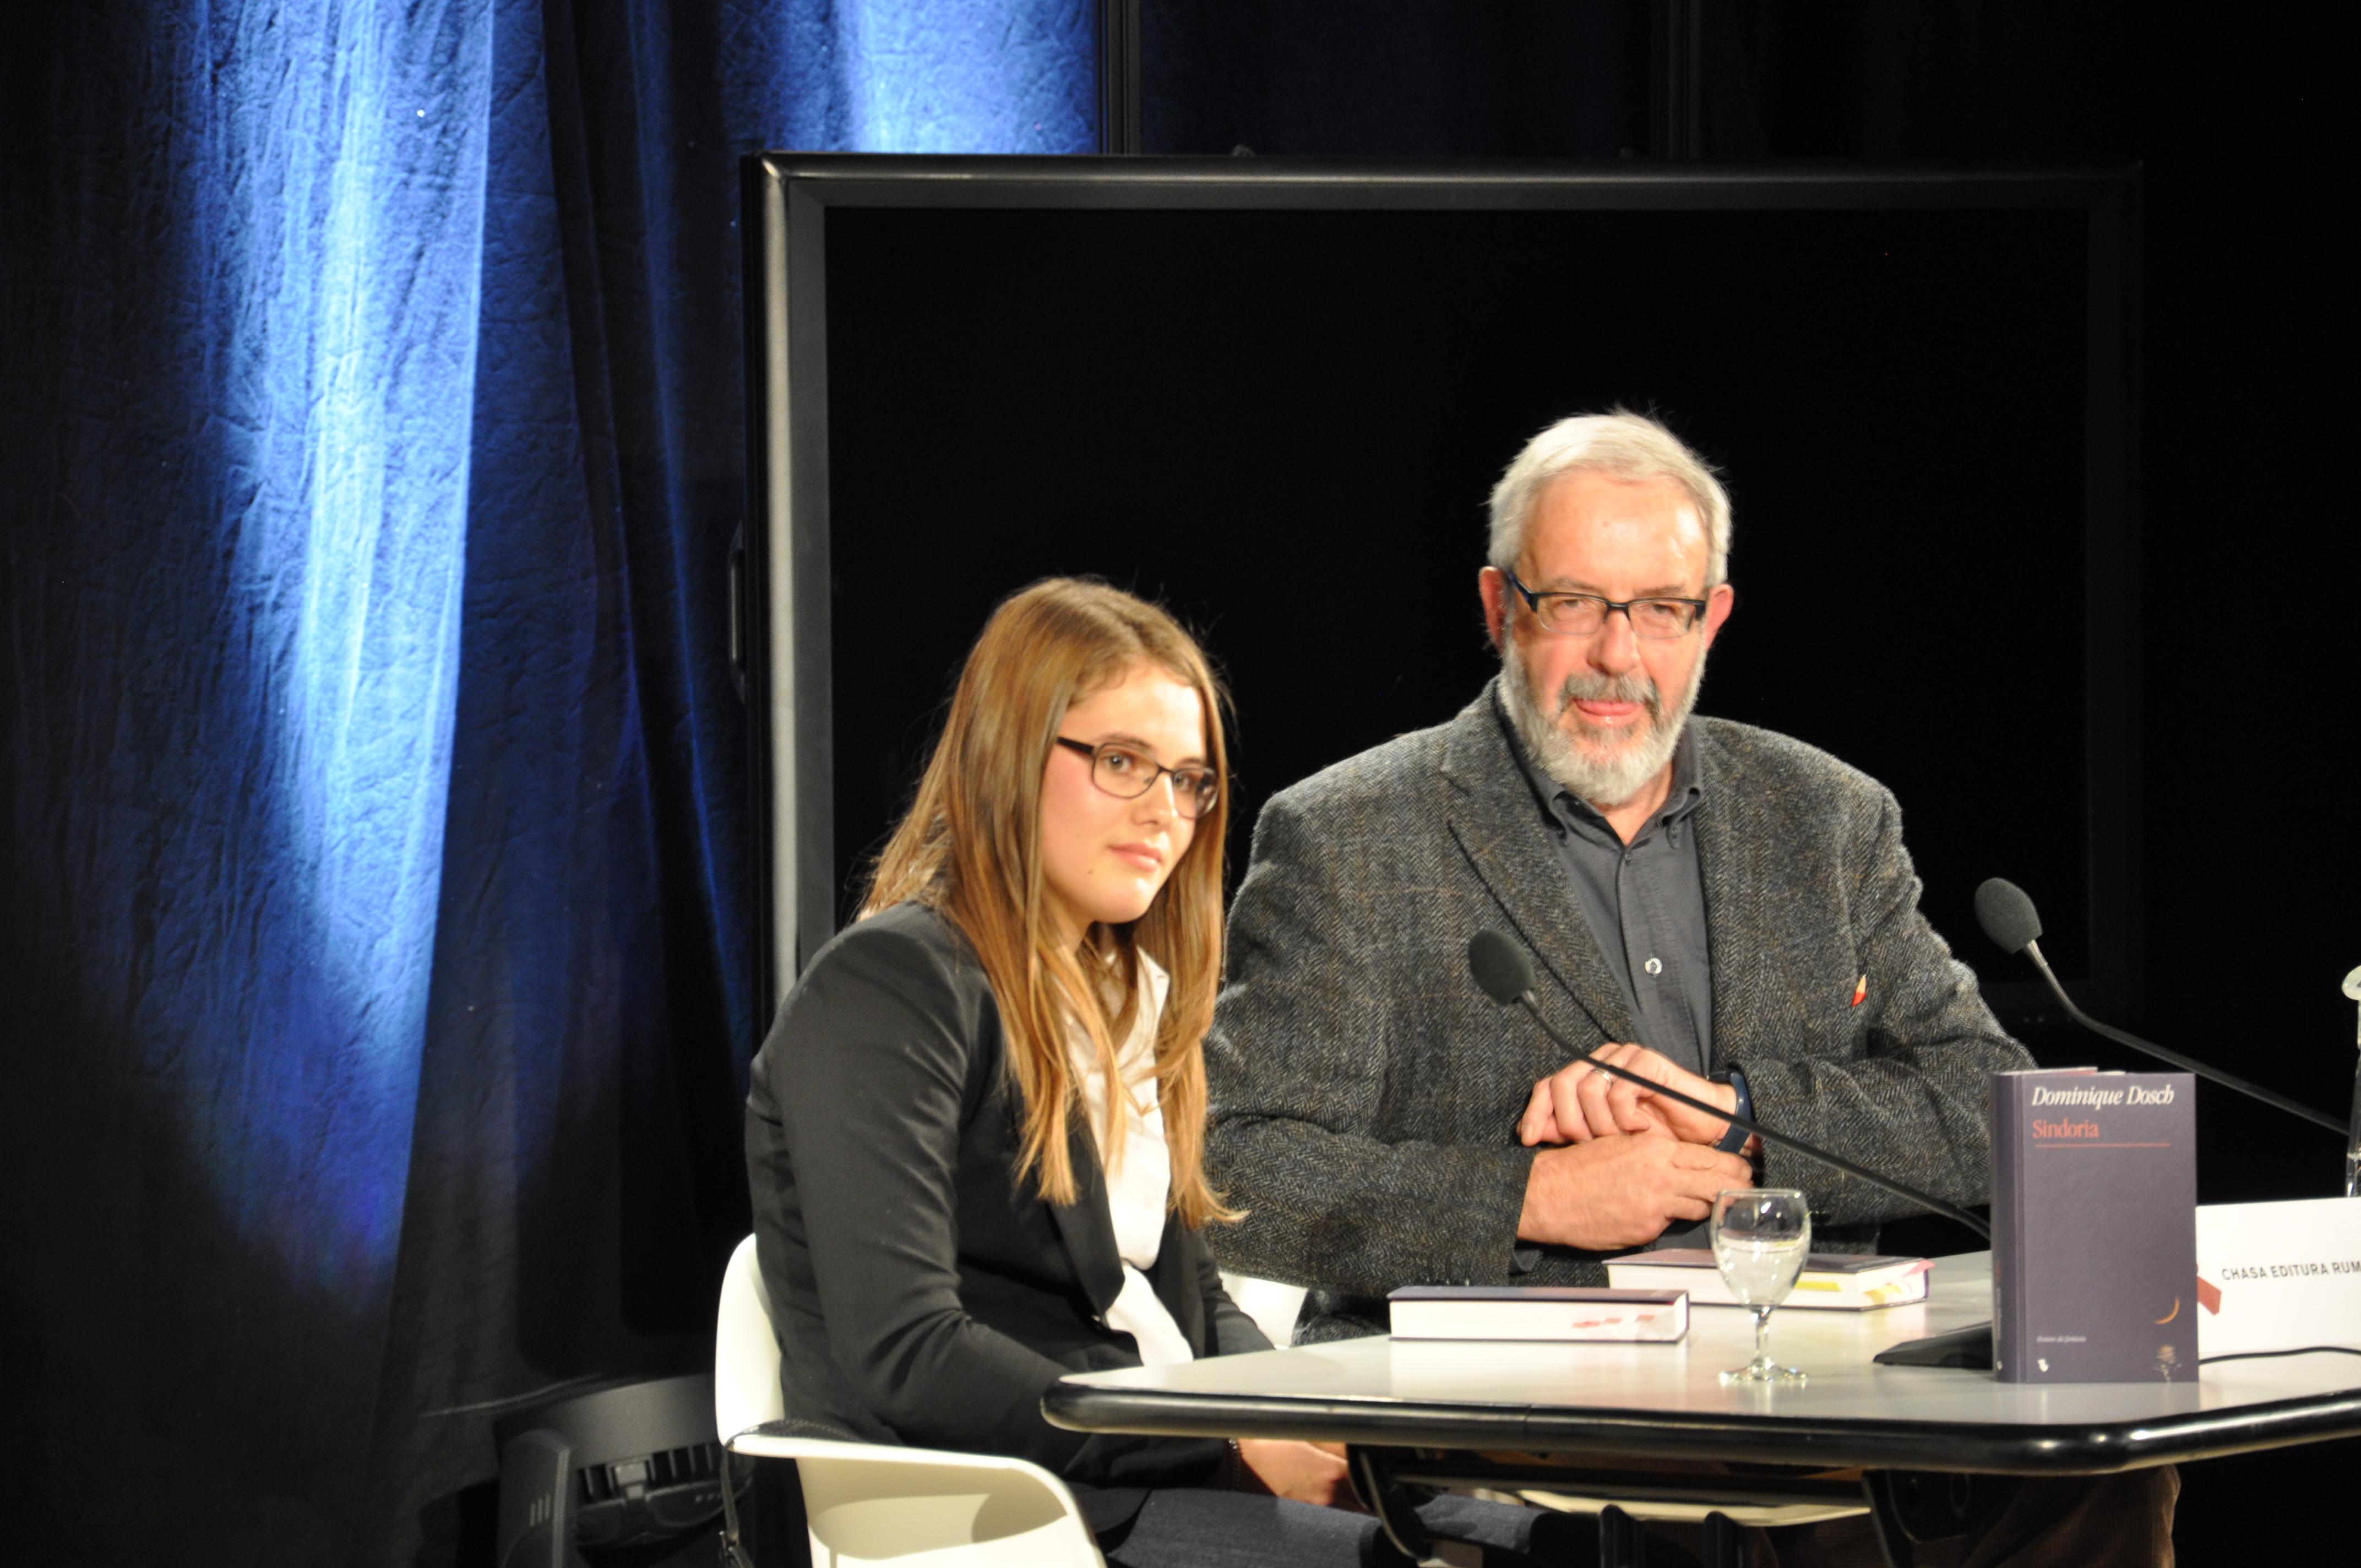 La giuvna scriventa Dominique Dosch cun Chasper Pult.